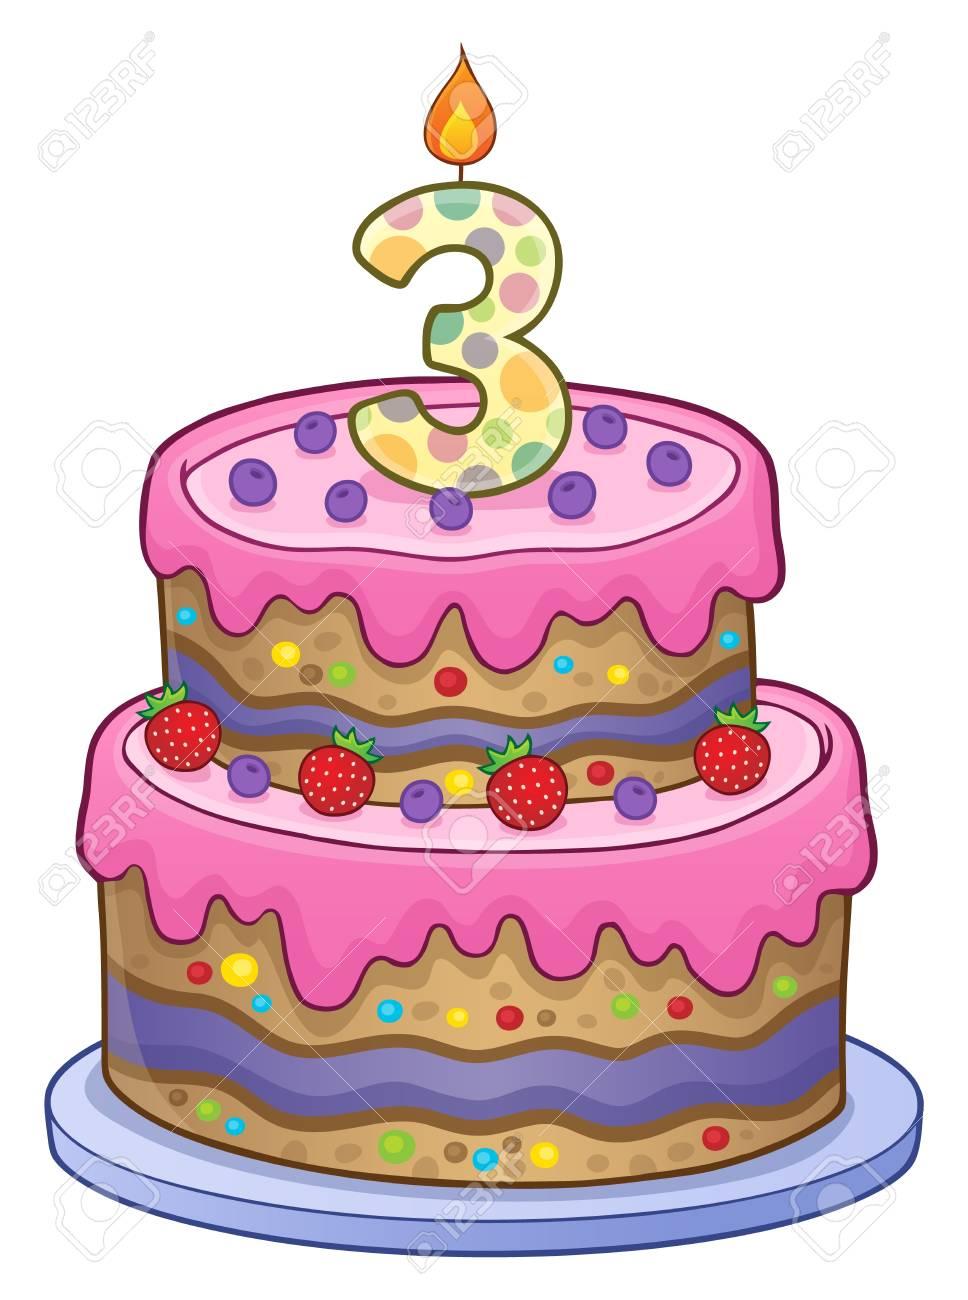 Alles Gute Geburtstag Karte 63 Sechzig Drei Jahr Kuchen